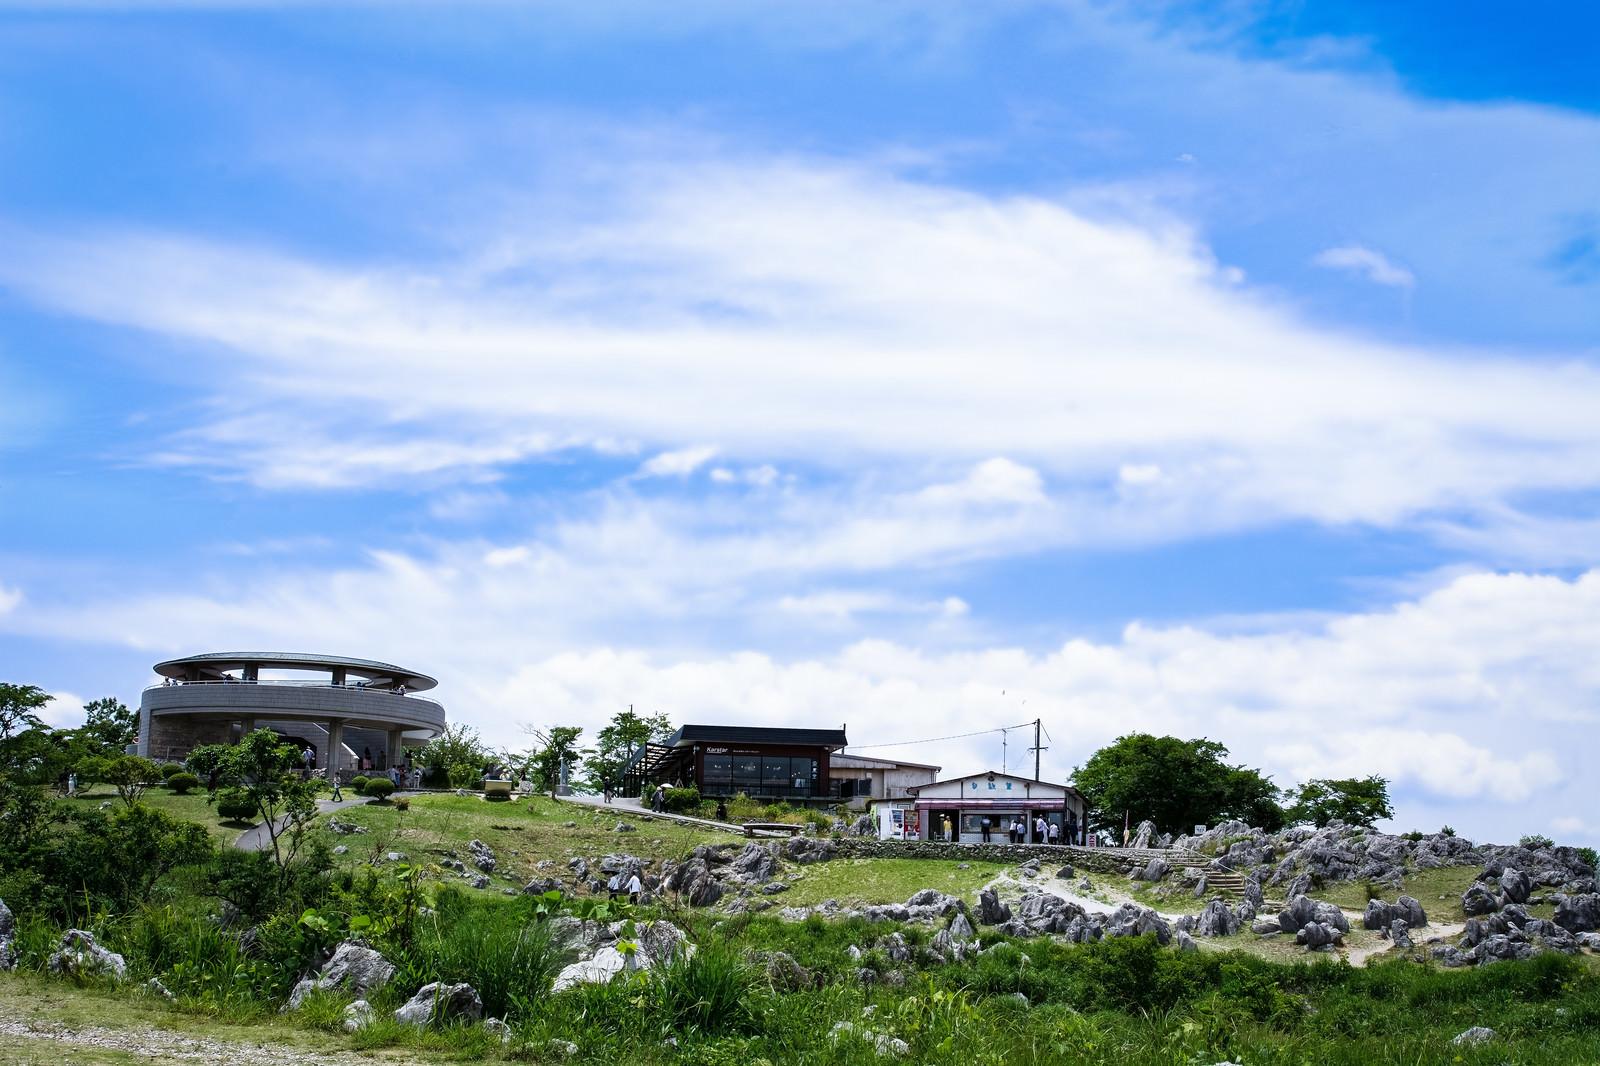 「秋吉台の遊歩道から見上げる展望台(山口県美祢市)」の写真